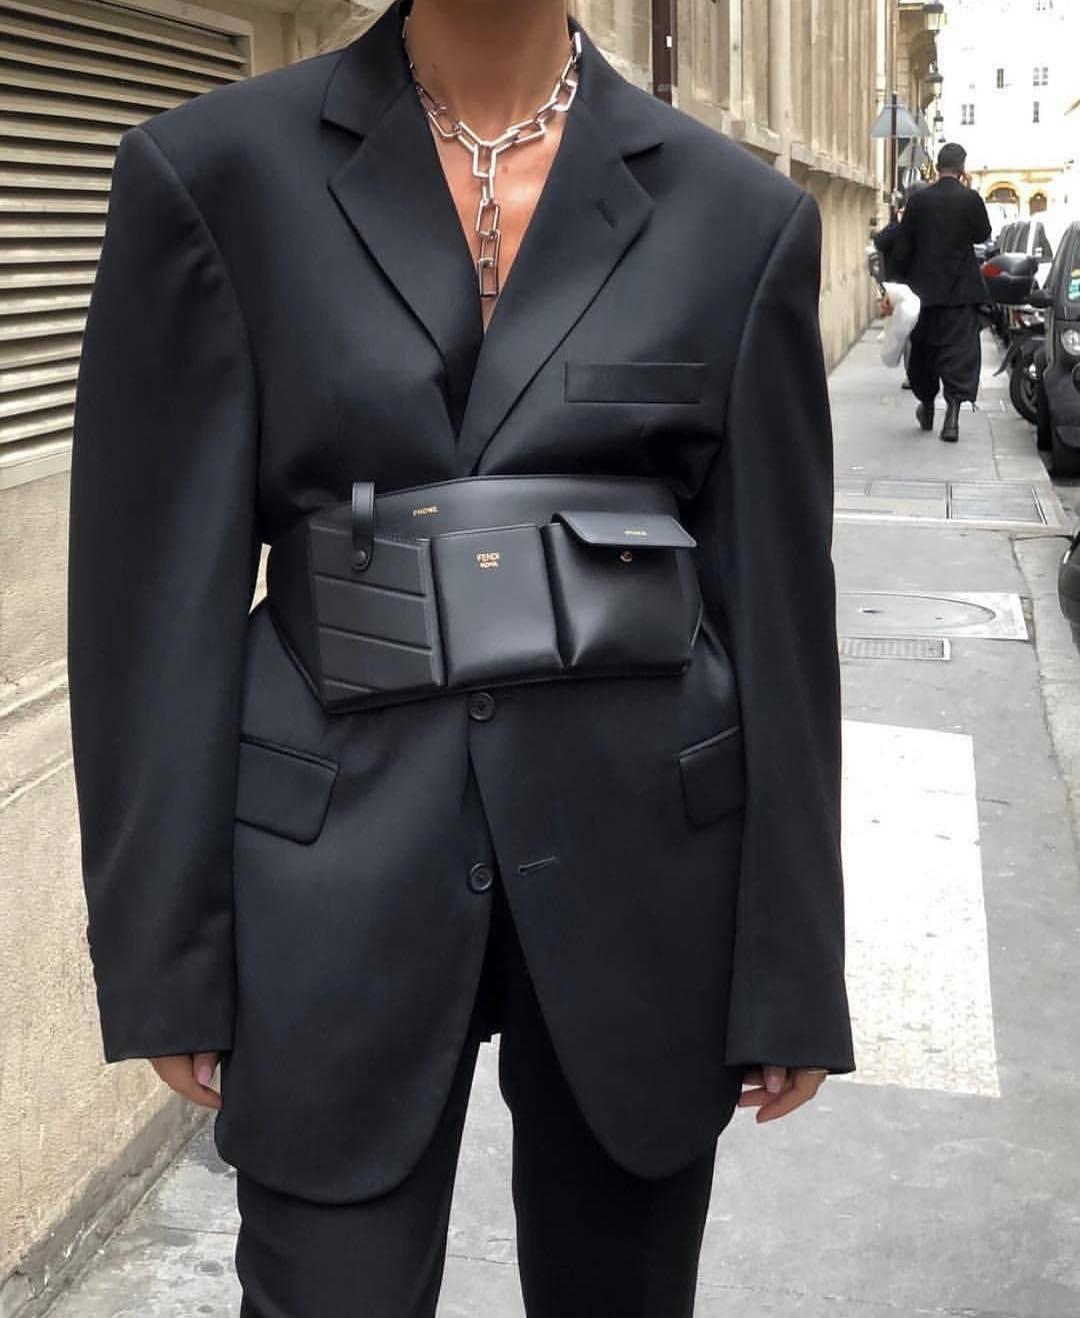 配件真的好重要!「西裝外套+腰帶」這樣搭 瞬間穿出纖細小蠻腰